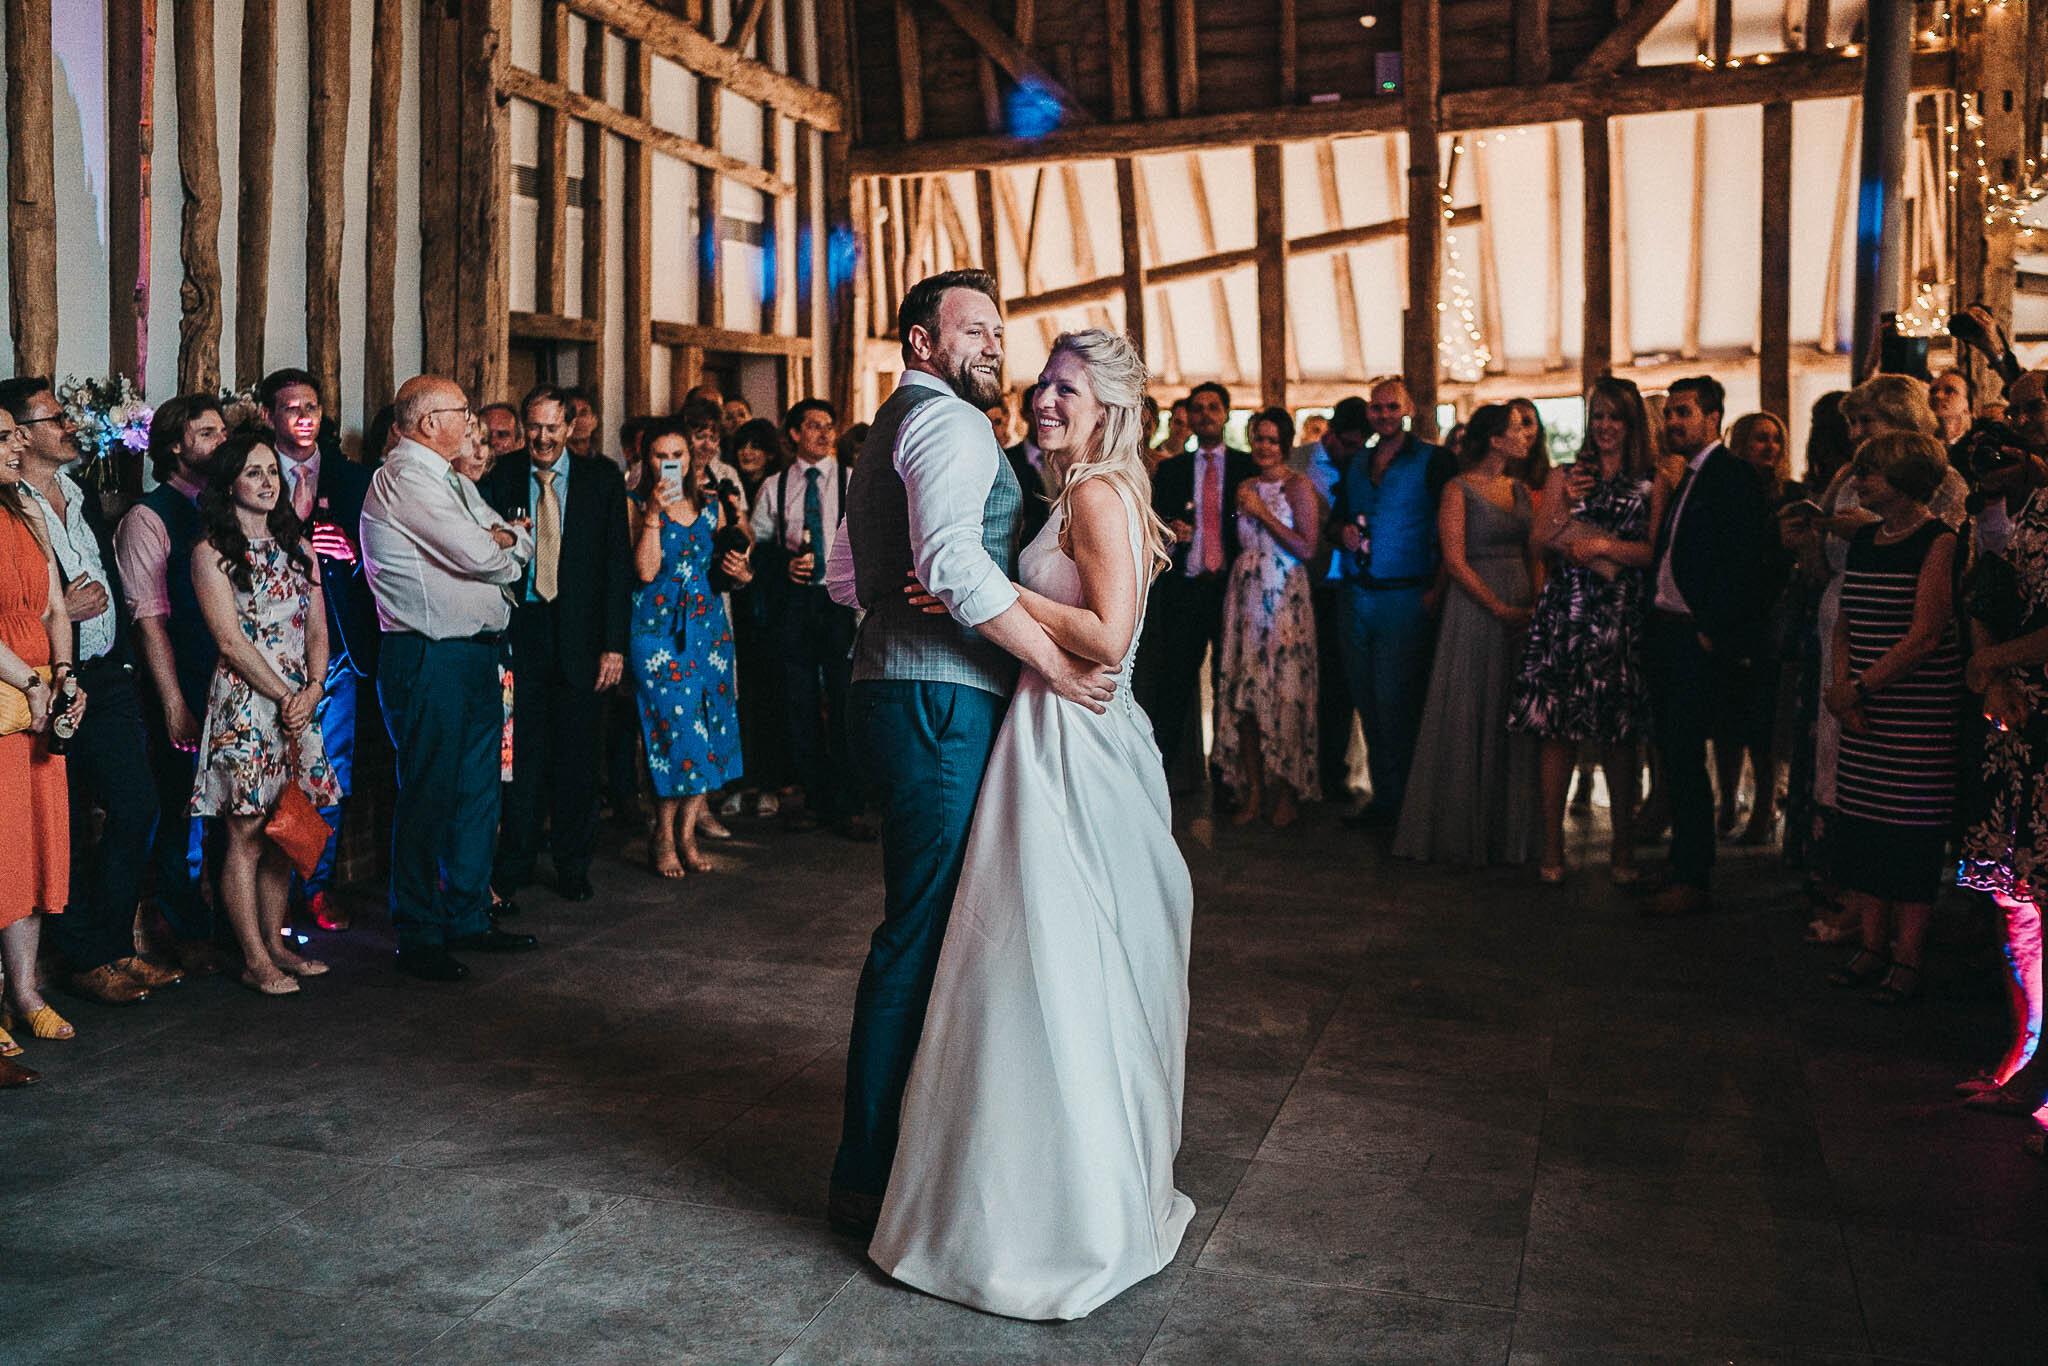 elegant-bride-and-groom-dancing